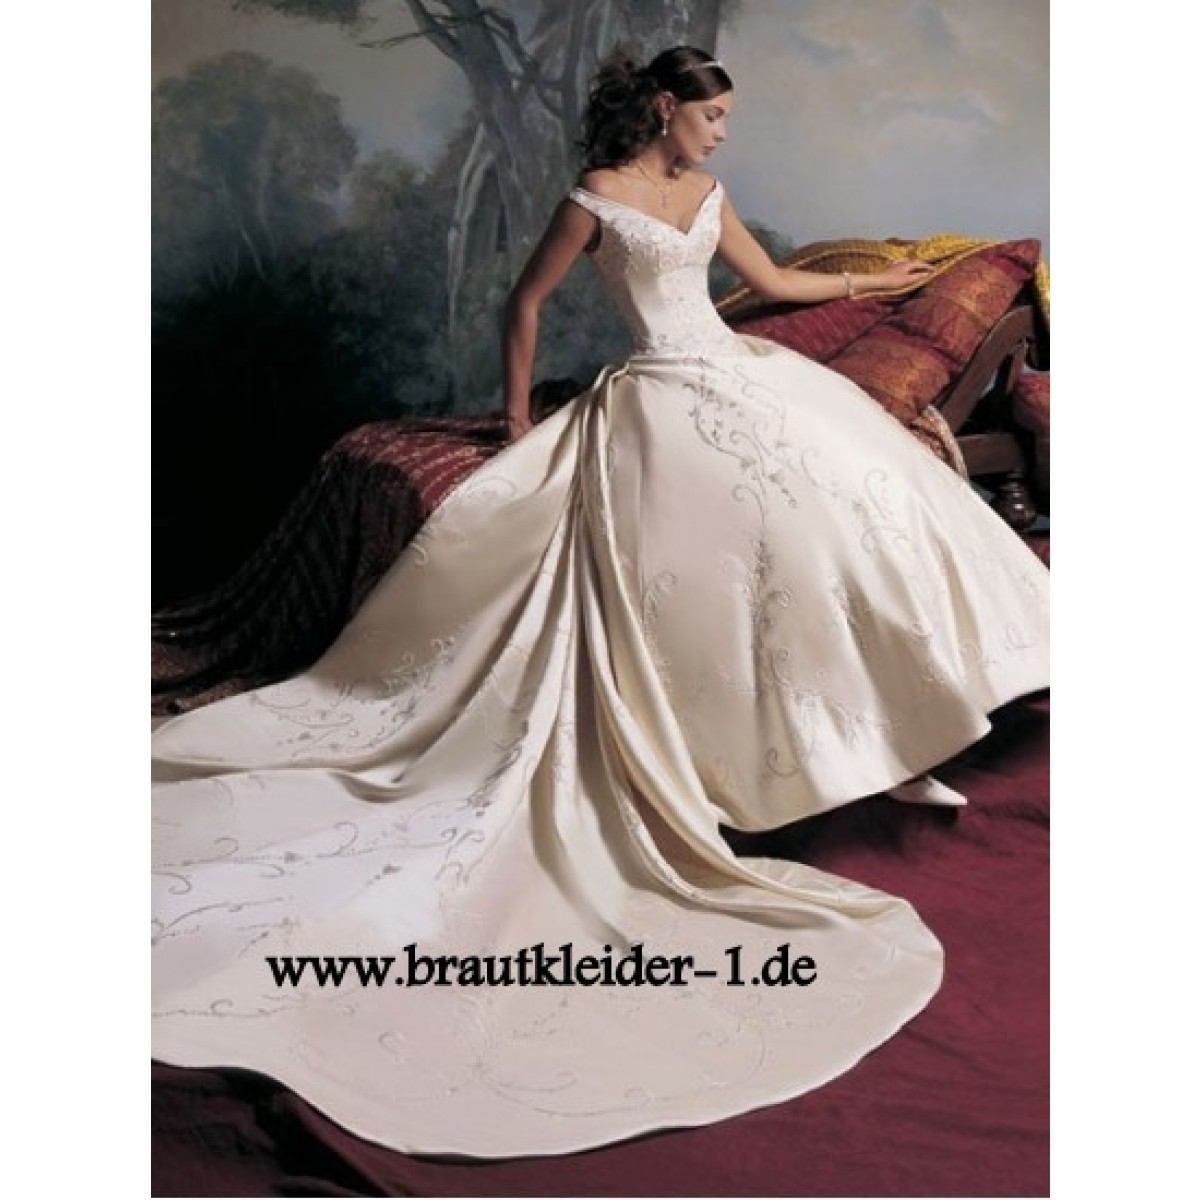 Hochzeitskleid Auf Rechnung : brautkleid mit schleppe auf rechnung brautkleider mit schleppe auf rechnung ~ Themetempest.com Abrechnung